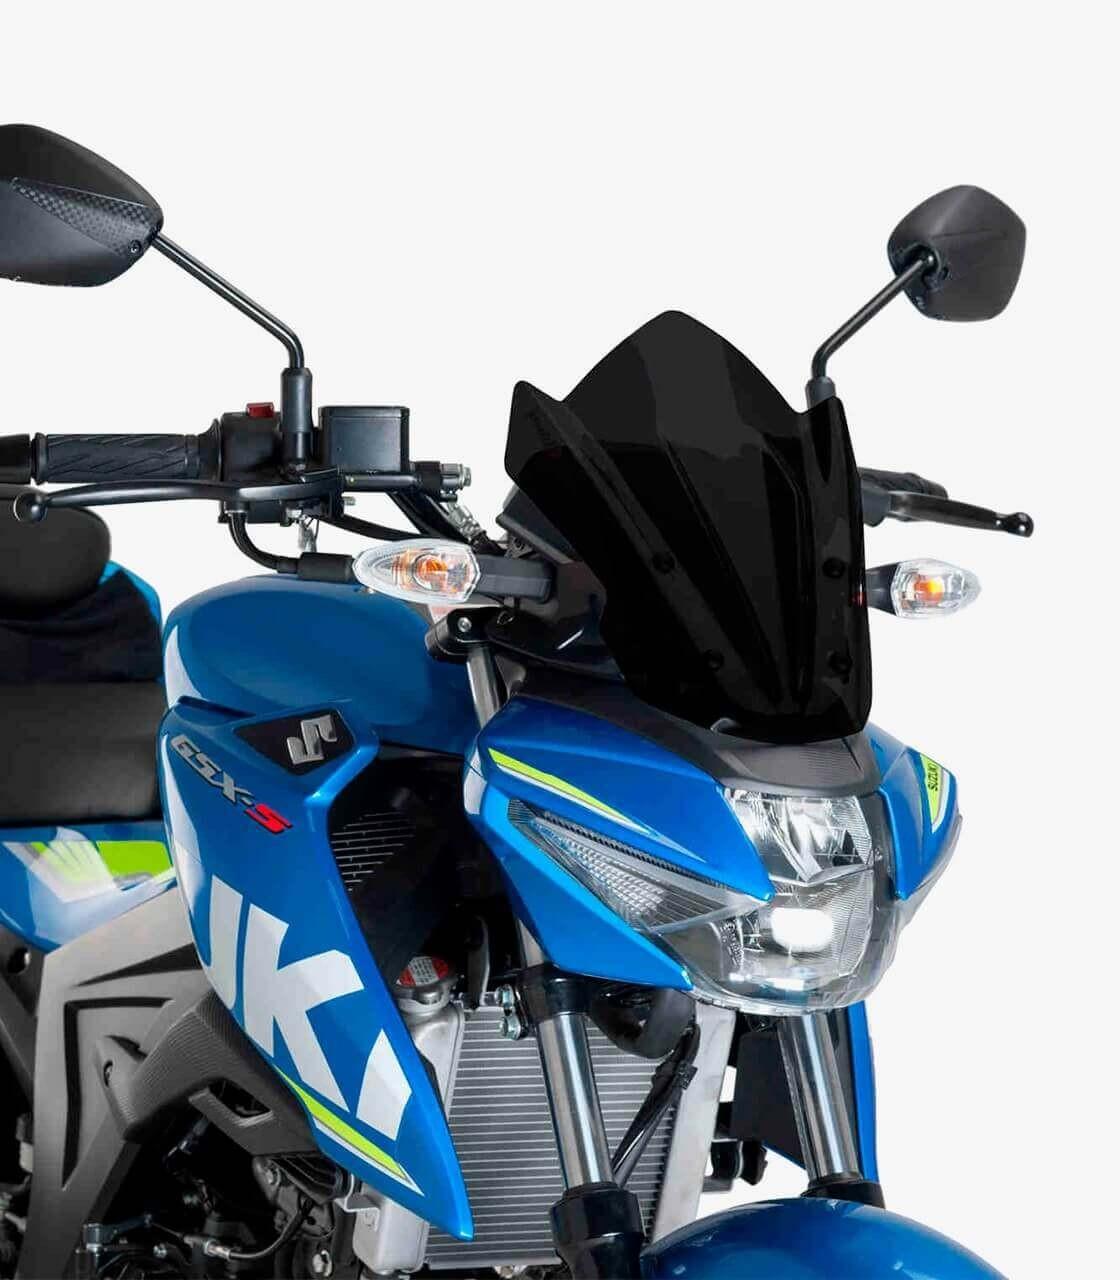 Suzuki GSX-S125 Puig Naked New Generation Sport Blue